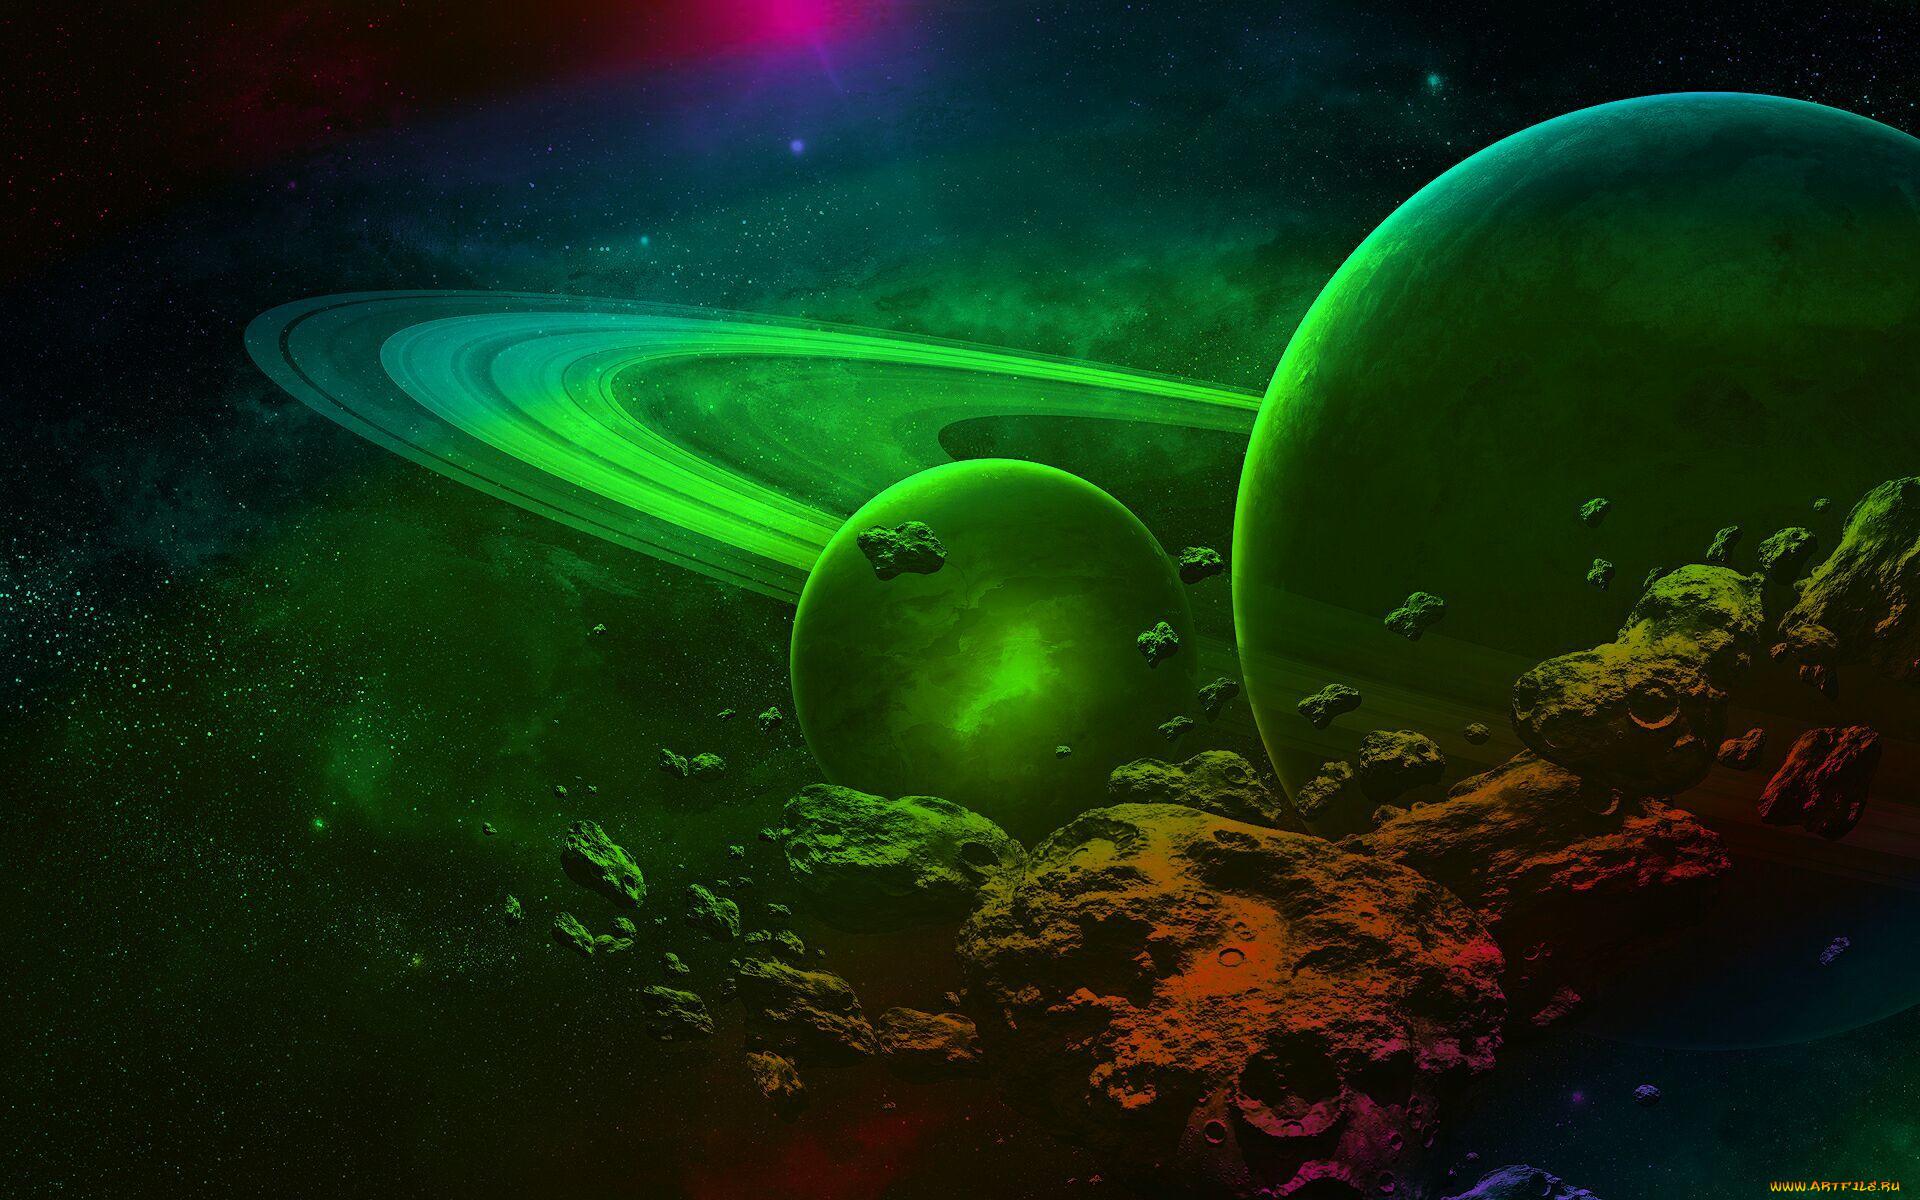 картинки разноцветных планет фен-шуй хотея используют